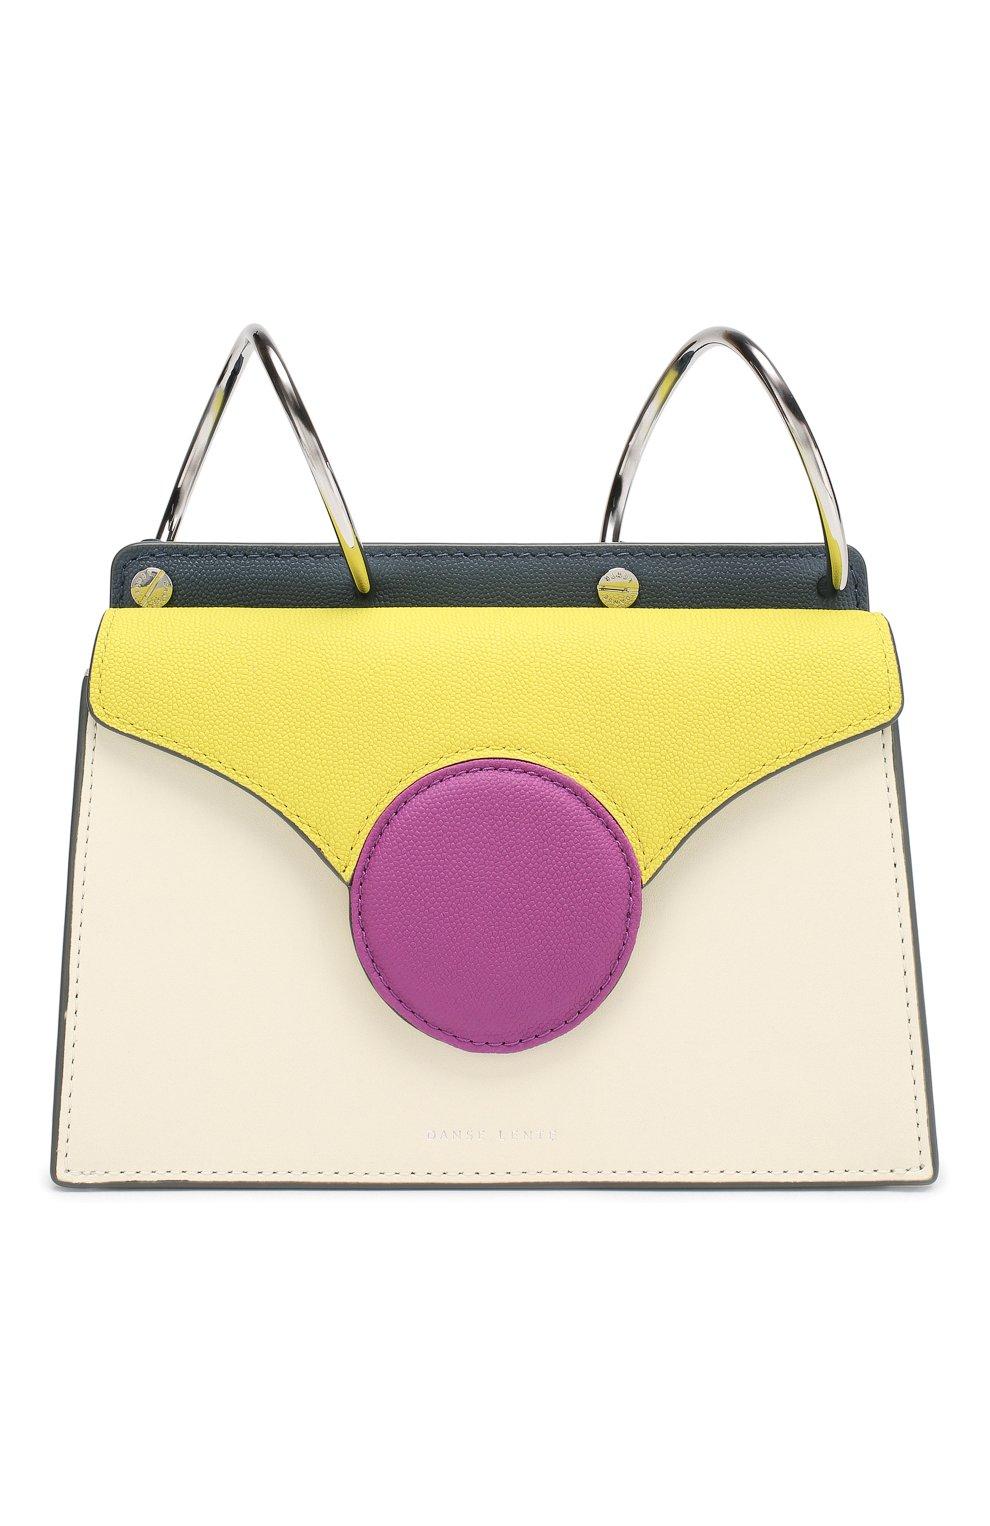 73902b571783 Женская сумка phoebe mini DANSE LENTE разноцветная цвета — купить за ...